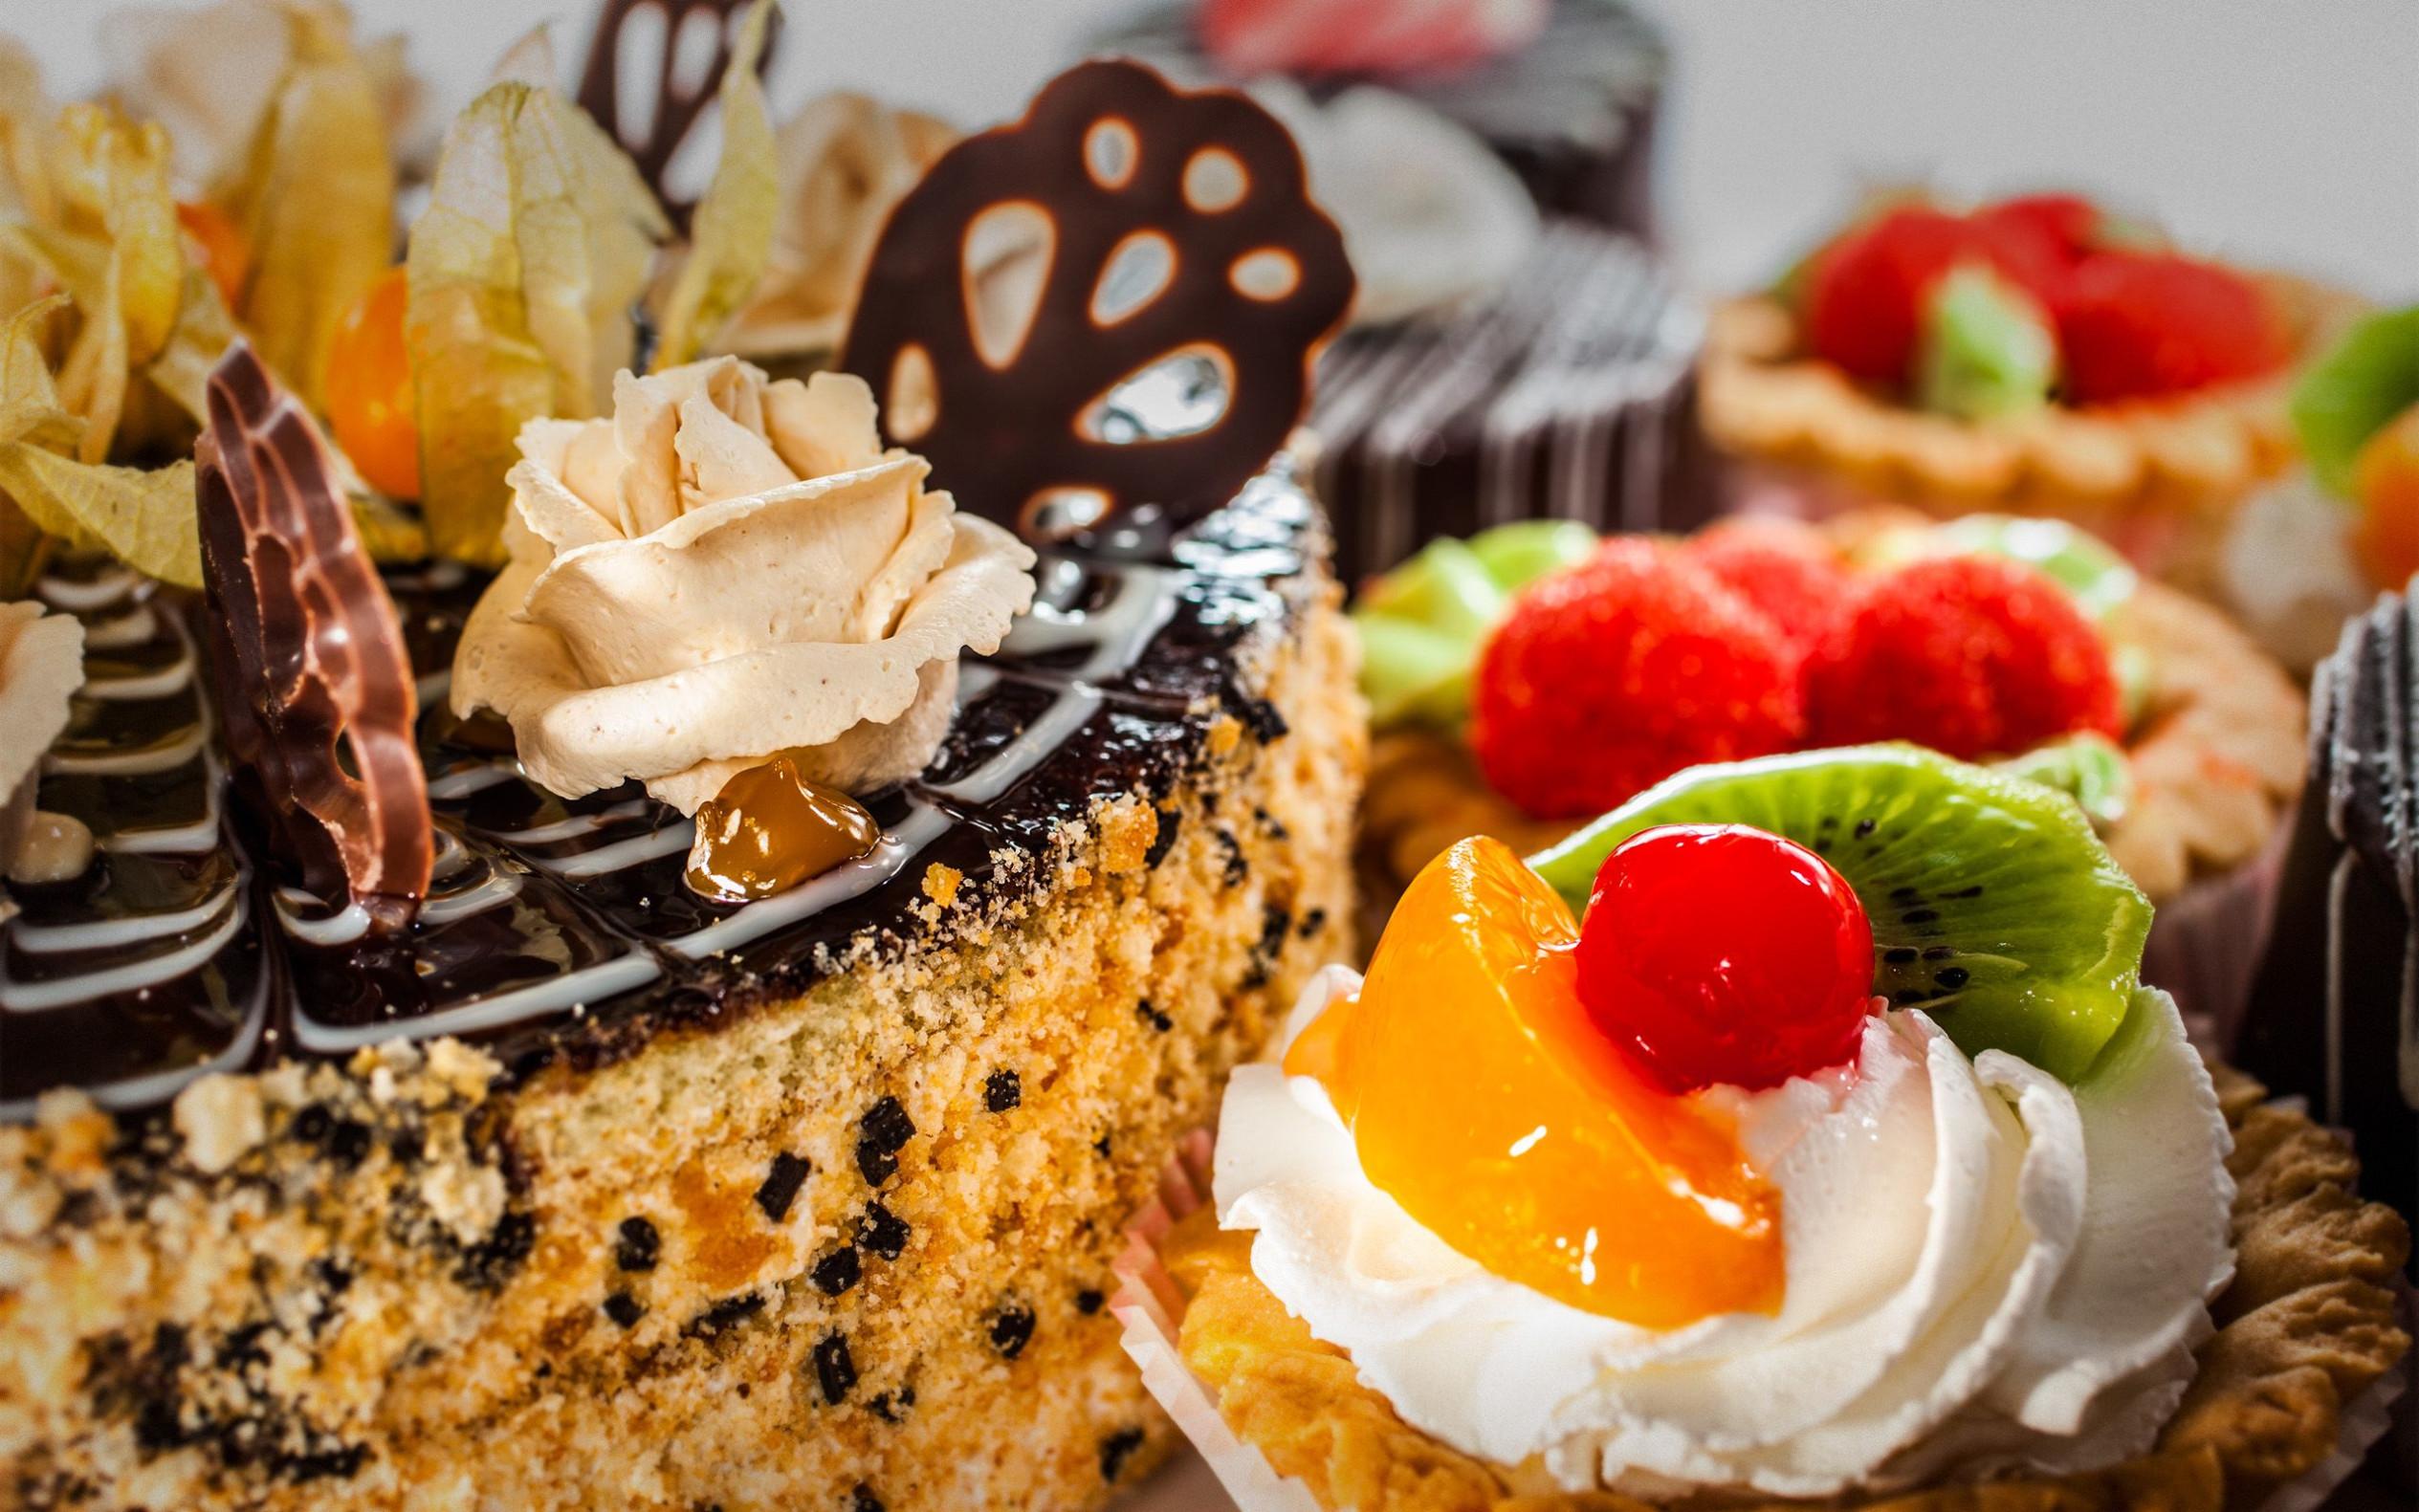 Hlebozavod tort pirogennie